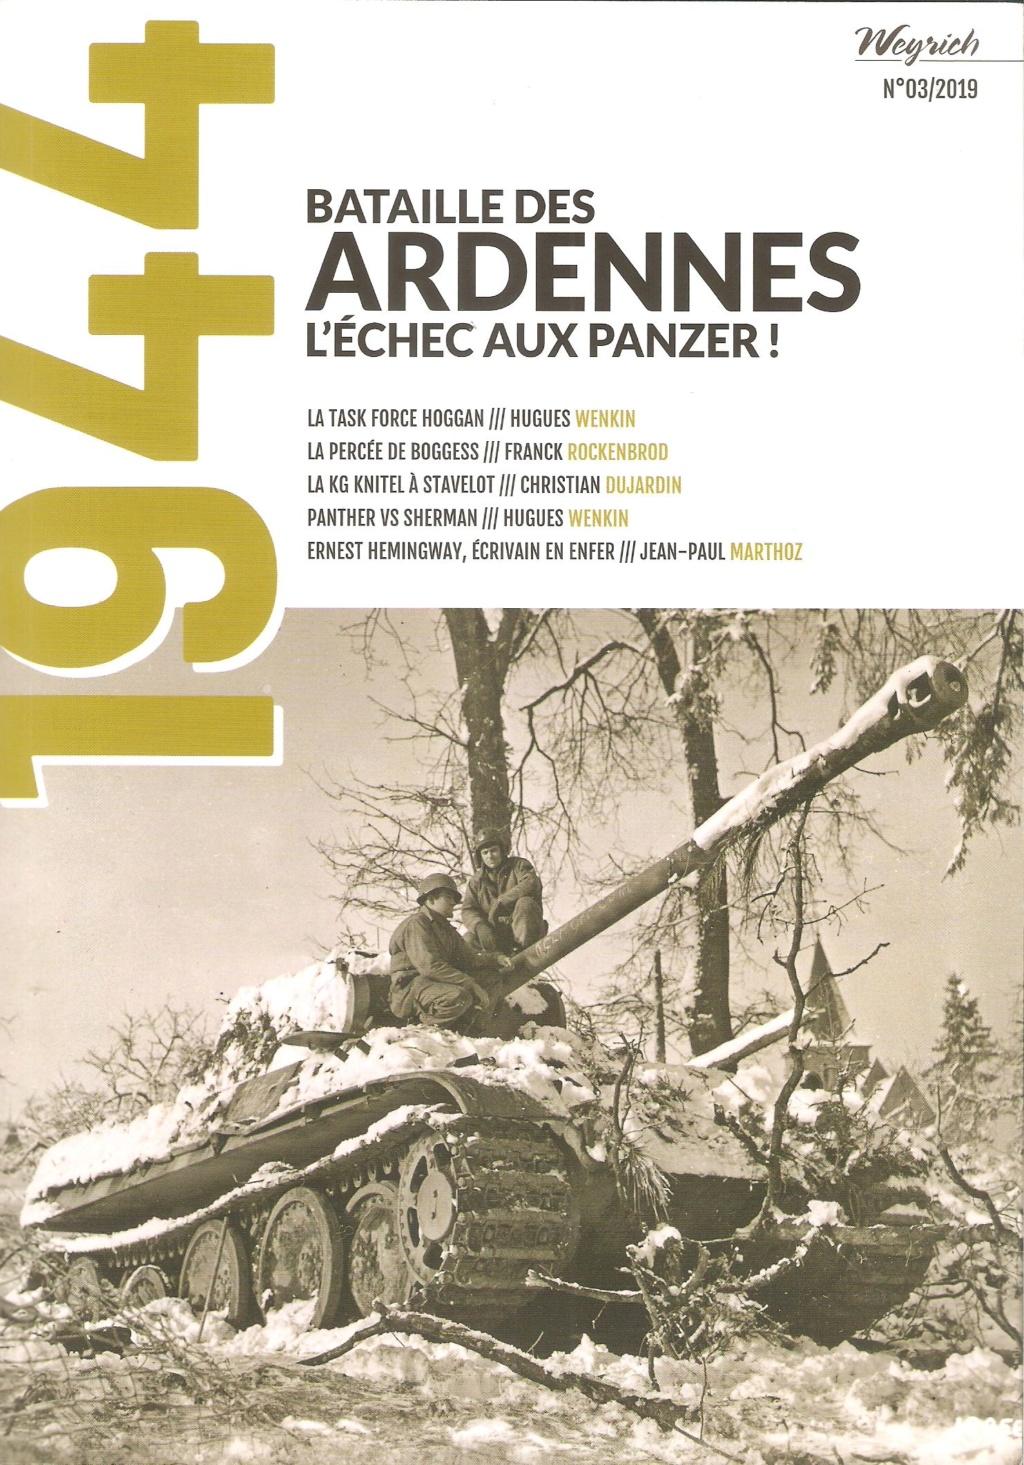 Mook 1944 - Batailles des Ardennes. L'échec aux Panzers Mook3c10